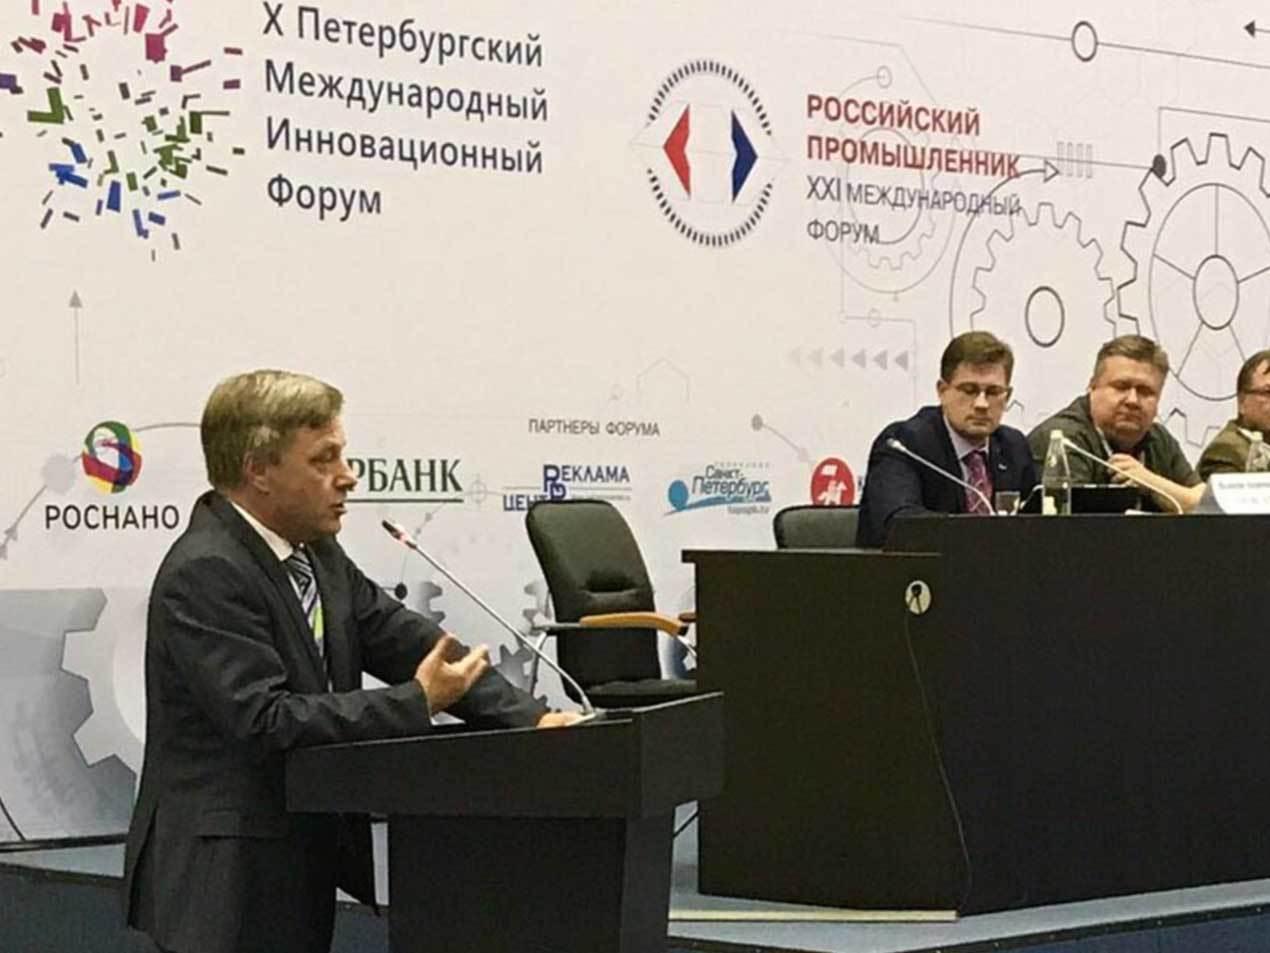 Директор МИАЦ Геннадий Орлов представил проект «Электронное здравоохранение» на Международном инновационном форуме